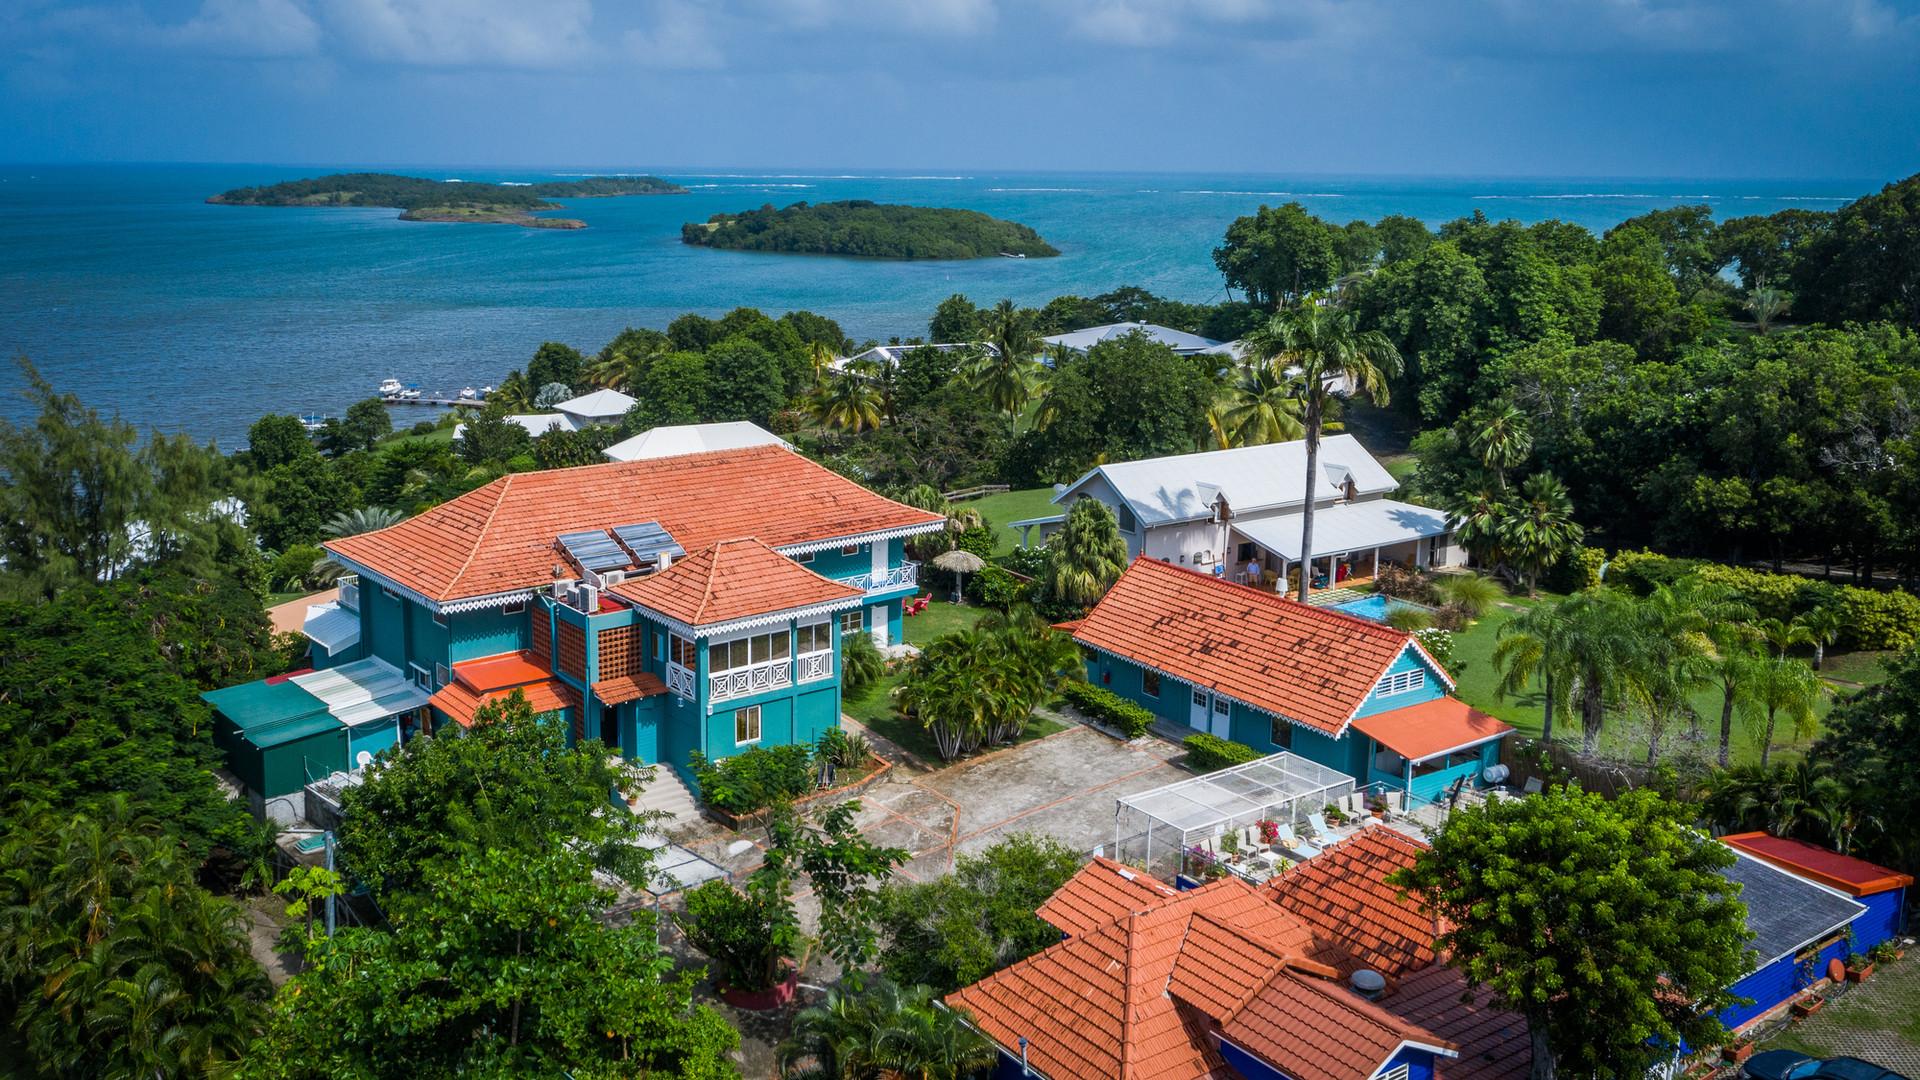 vista aerea drone hotel fregate bleuevu